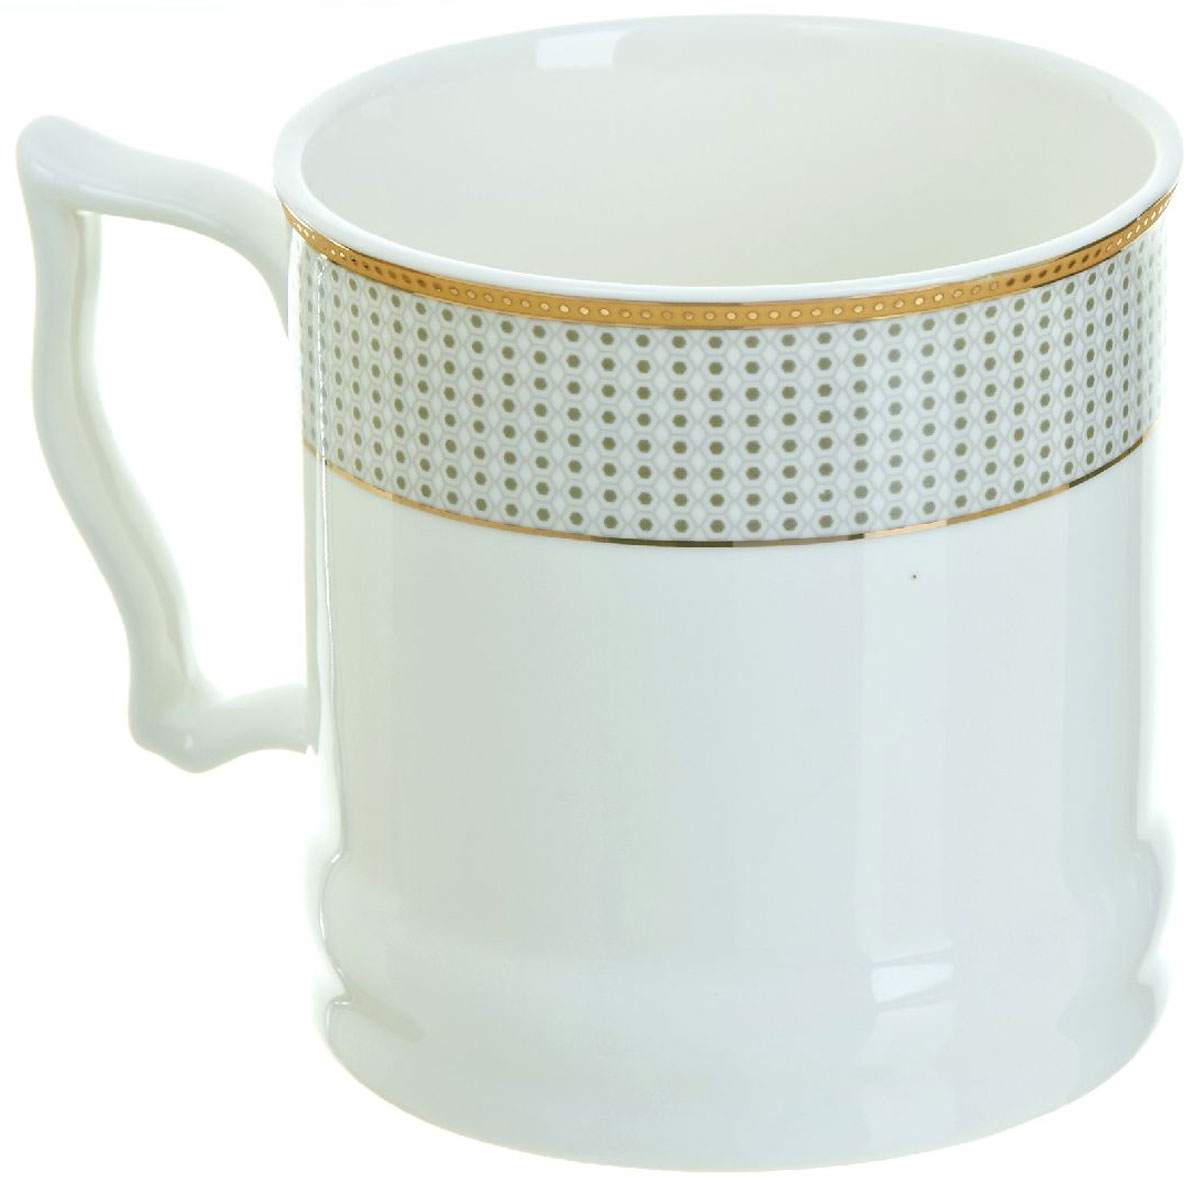 Кружка BHP Королевская кружка, 500 мл. 187001254 009312Оригинальная кружка Best Home Porcelain, выполненная из высококачественного фарфора, сочетает в себе простой, утонченный дизайн с максимальной функциональностью. Можно использовать в посудомоечной машине.